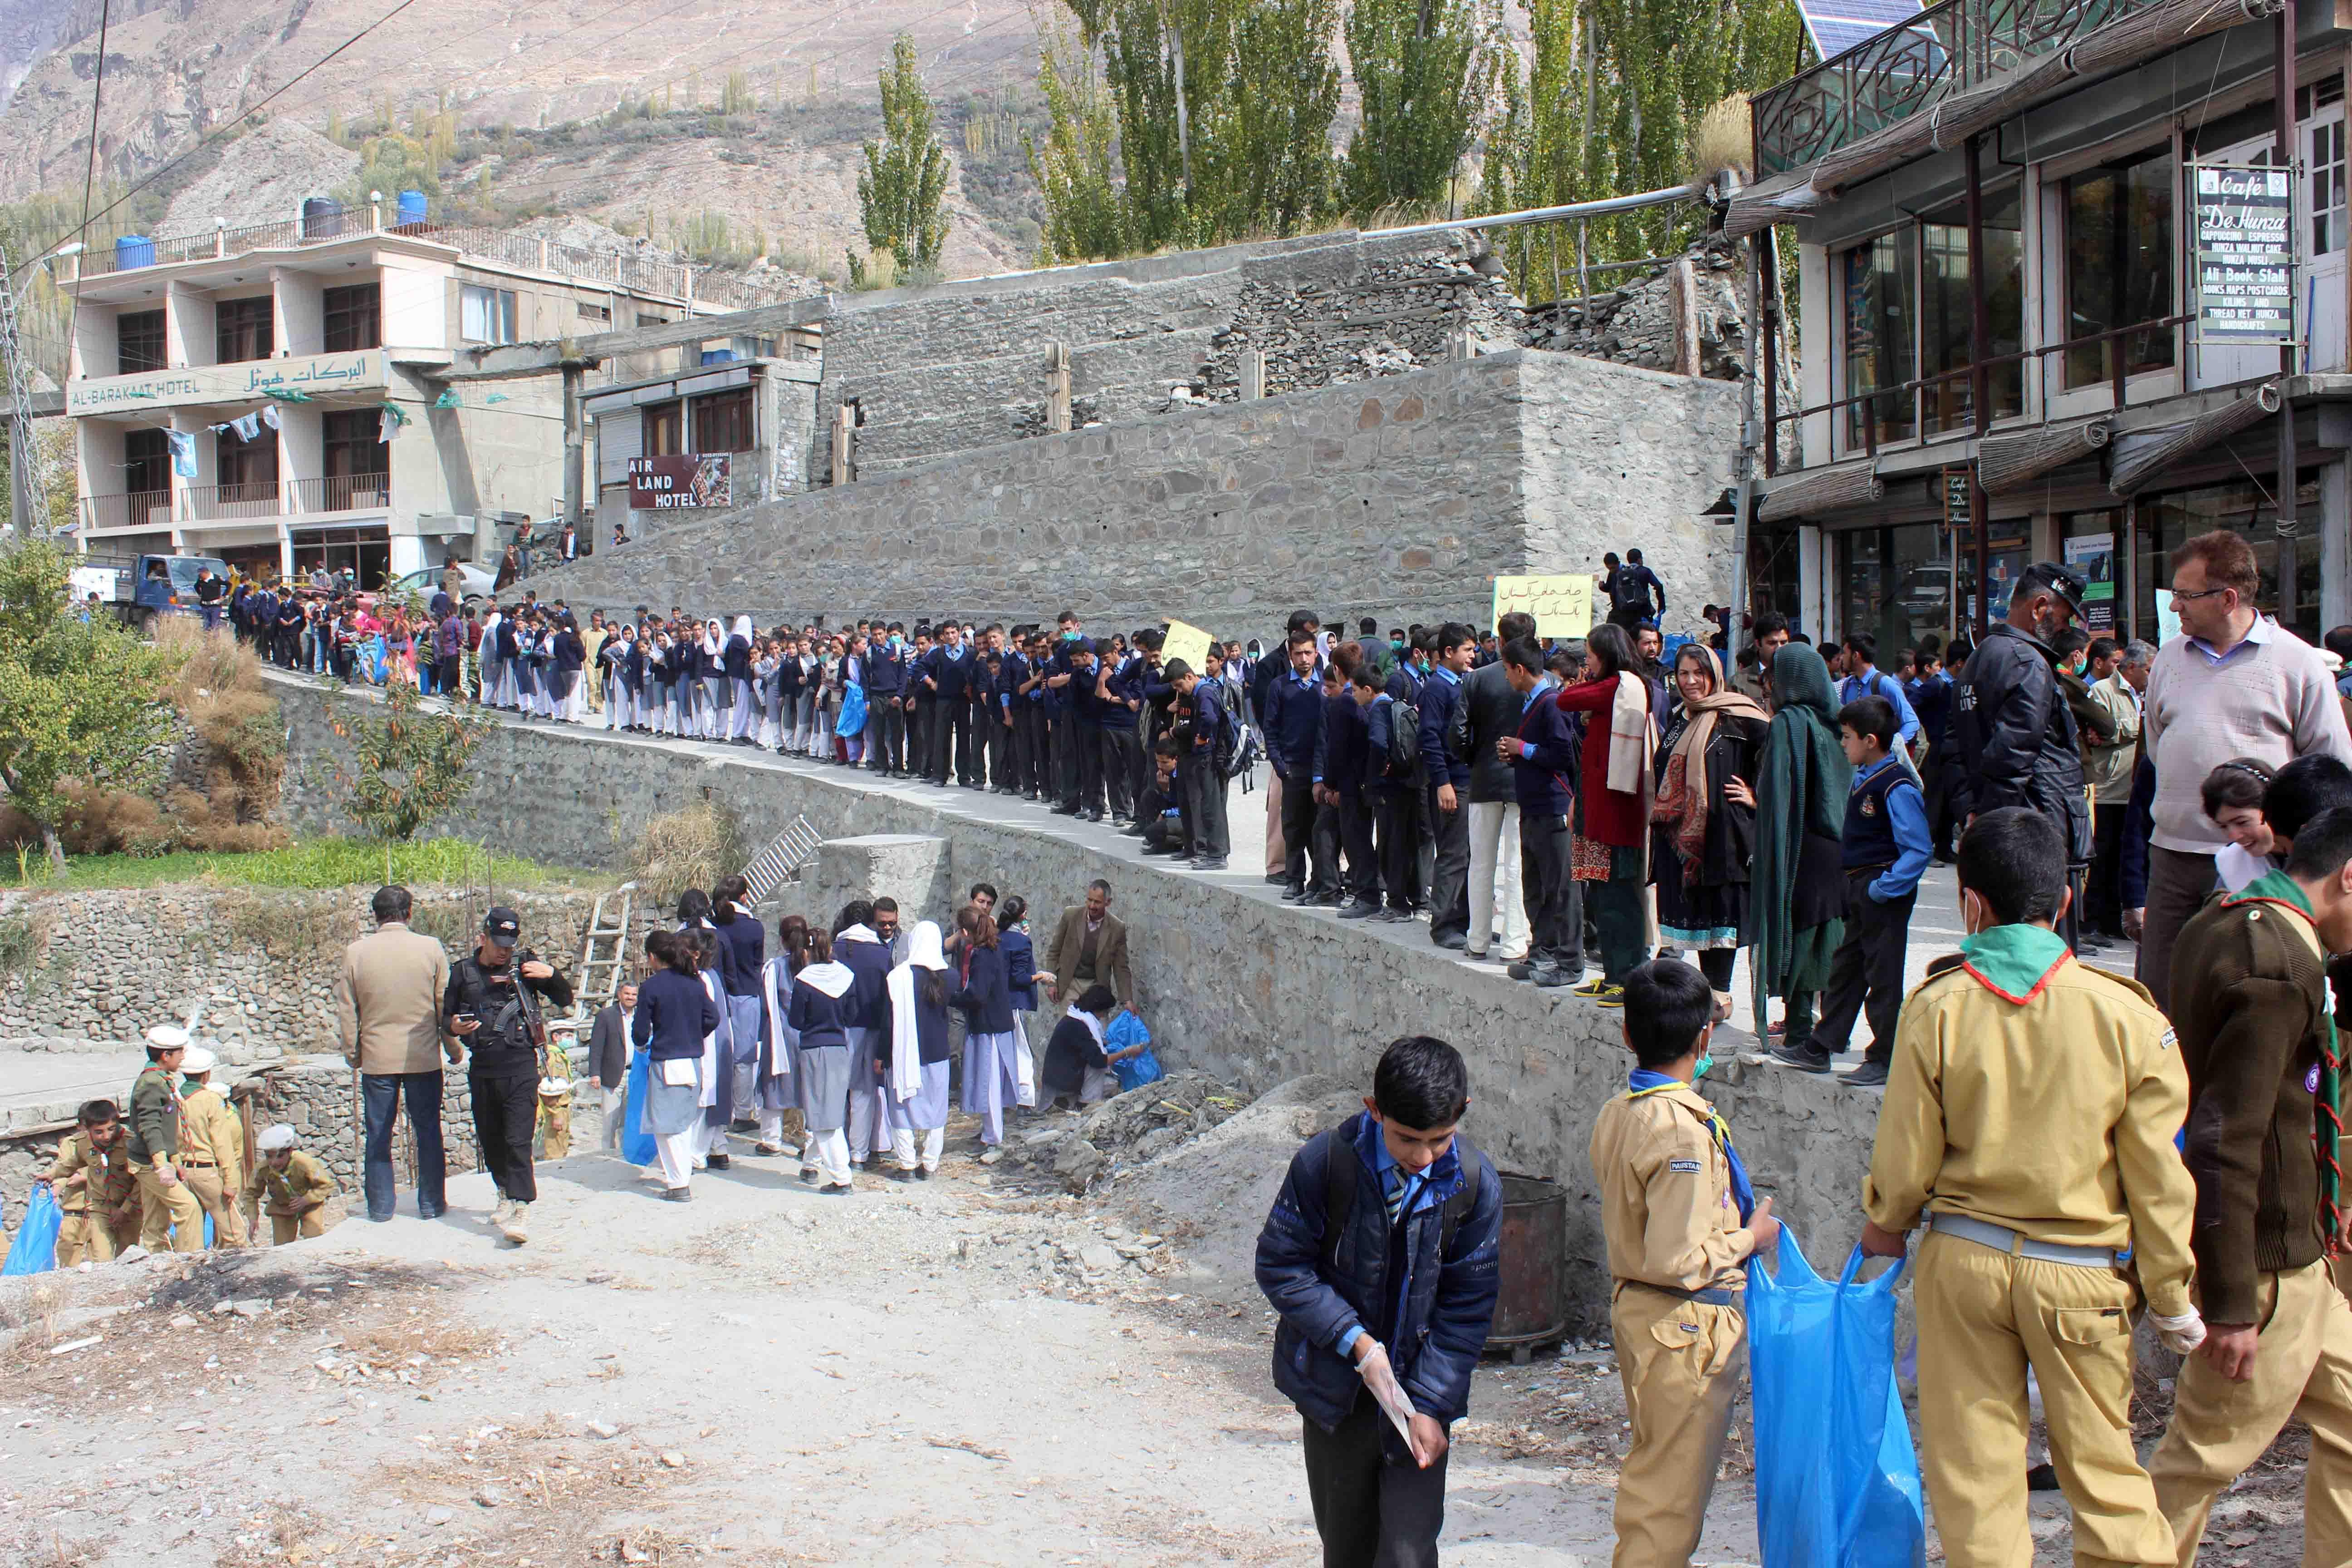 علی آباد اور کریم آباد ہنزہ میں صفائی مہم کا انعقاد، فعال میونسپل نظام رائج کرنے کی ضرورت پر زور دیا گیا